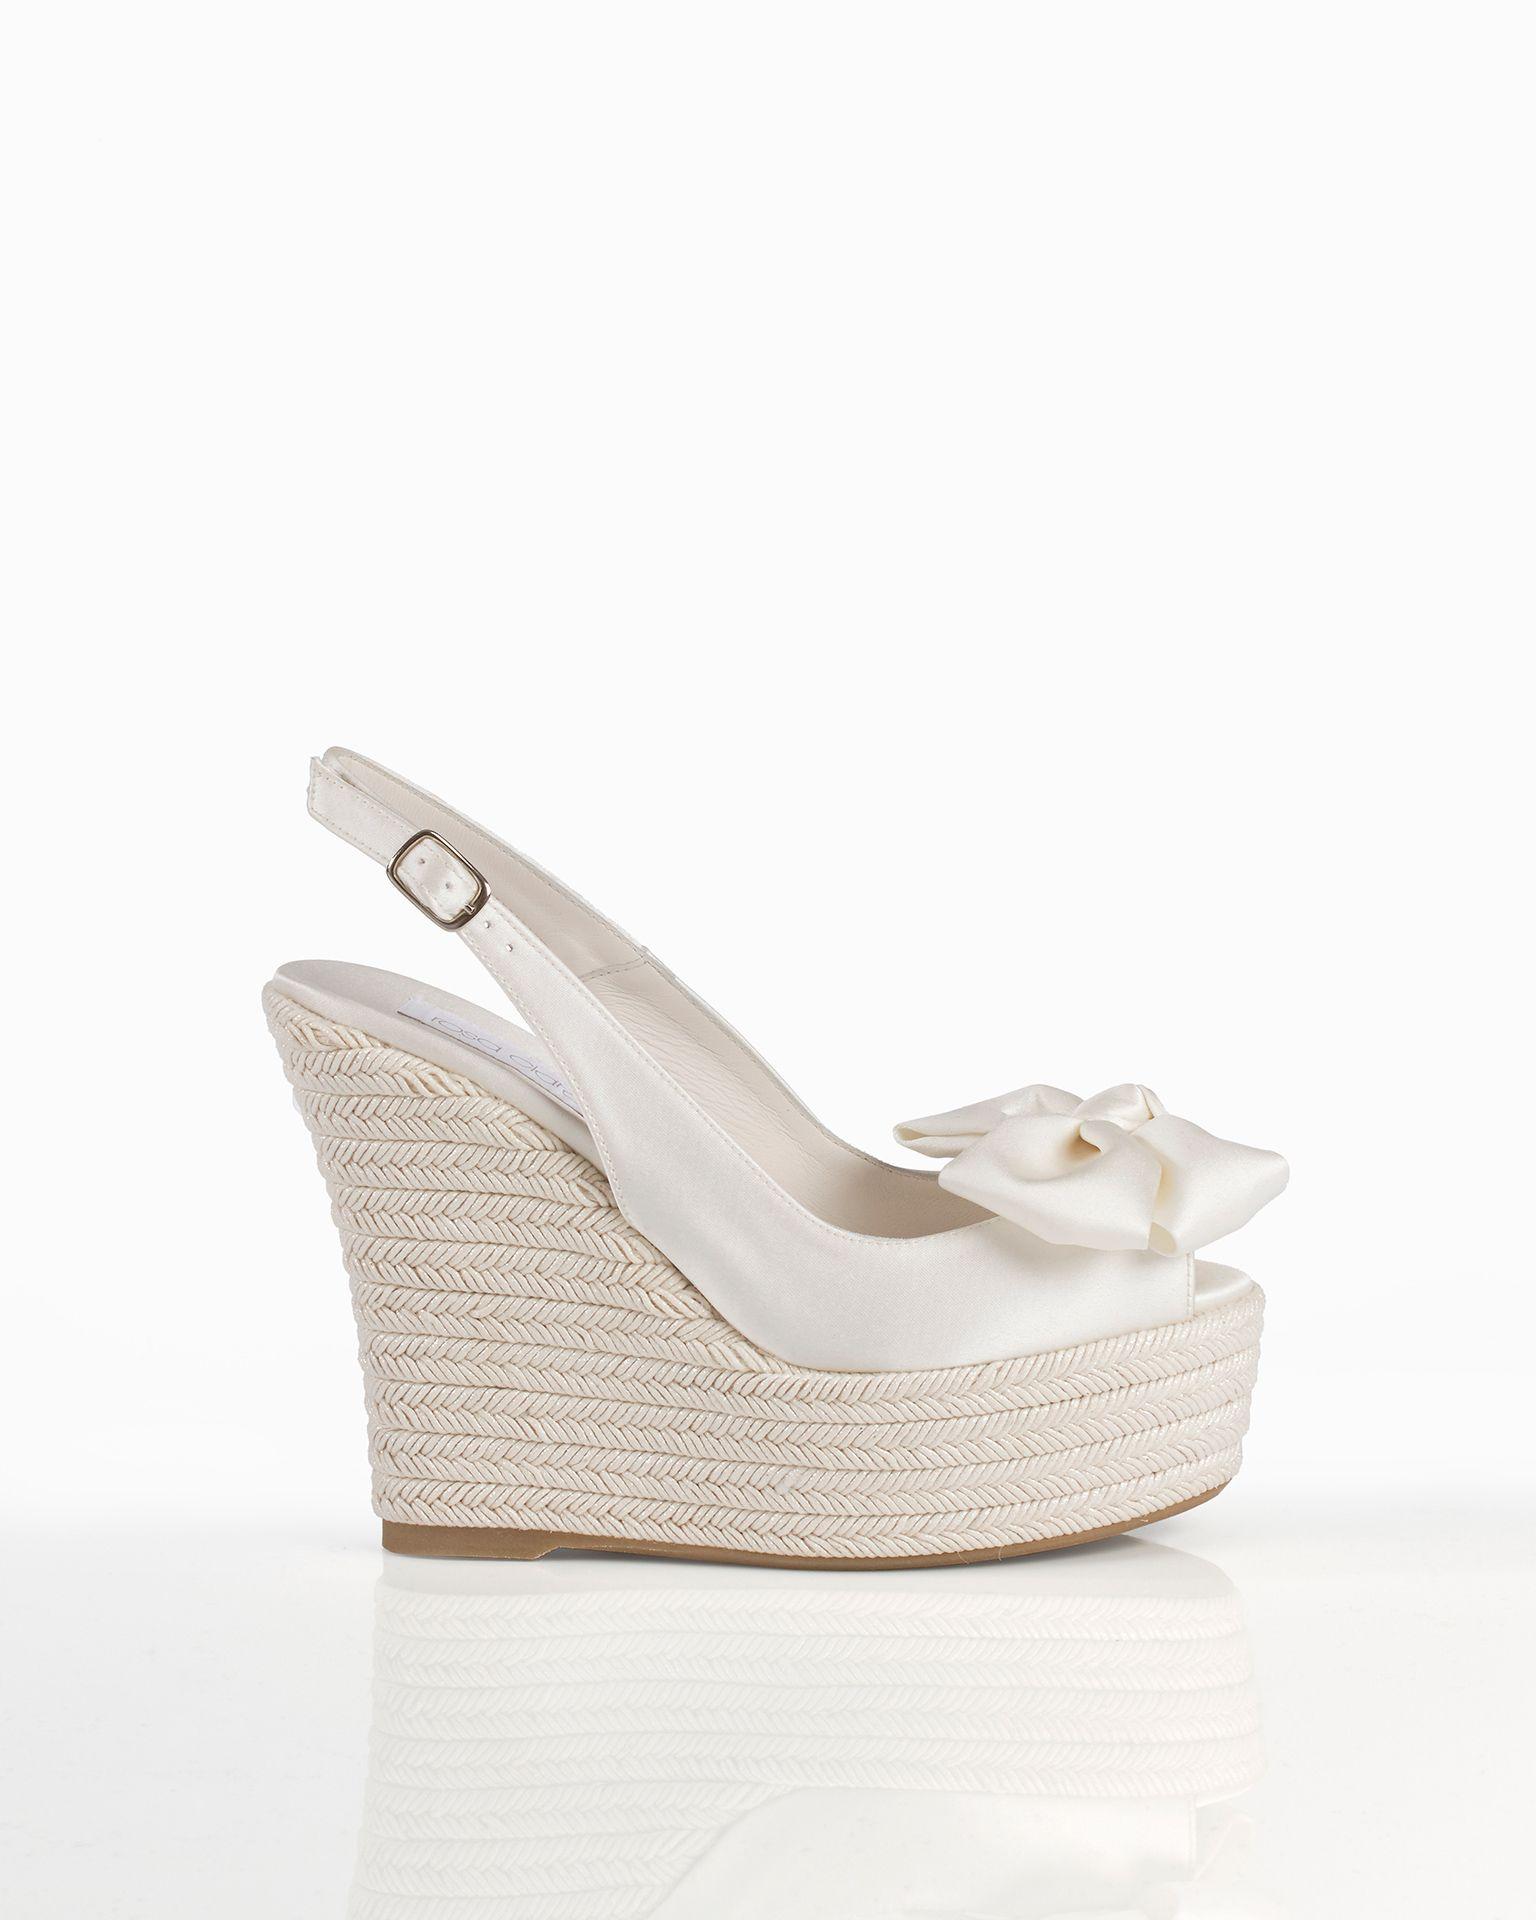 garantía de alta calidad Precio reducido 2019 mejor venta Zapatos colección Rosa Clará 2018 #zapatos #novia #2018 ...